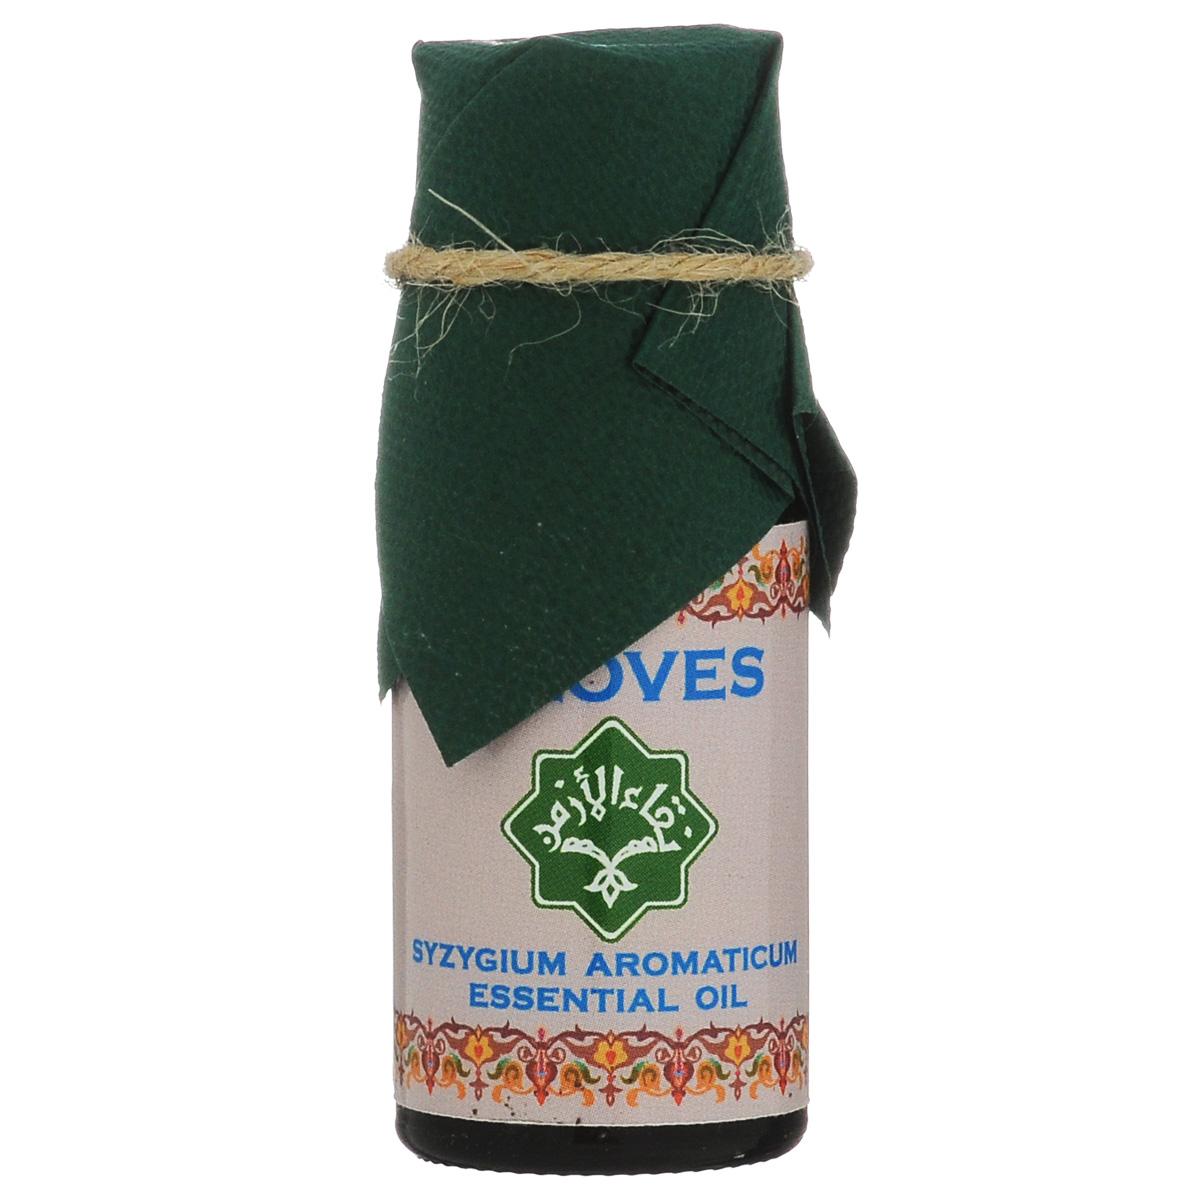 Зейтун Эфирное масло Гвоздика, 10 млZ3609Абсолютно чистое, 100% натуральное эфирное масло Гвоздики, произведенное в соответствии со стандартом европейской фармакопеи; по своим качествам и свойствам значительно превосходит дешевые аналоги. Применение в ароматерапии: Эфирное масло гвоздики производит позитивный, стимулирующий эффект, улучшает память, выводит из депрессии. Способно поднимать настроение, возвращает силы, помогает преодолеть вялость и апатию. Косметические свойства: В косметических средствах прекрасно воздействует на воспаленную, нечистую кожу. Лечебные свойства: Эфирное масло гвоздики является хорошим средством для отпугивания насекомых (муравьёв, моли, комаров) и обеззараживания воздуха в помещениях во время эпидемии. В зубоврачебной практике в качестве антисептика и обезболивающего средства. Обладает сильным противовоспалительным действием. Снимает судороги, спазмы и икоту. Наружно эфирное масло гвоздики используют при язвах, фурункулах и плохо заживающих ранах. Для внутреннего применения -...